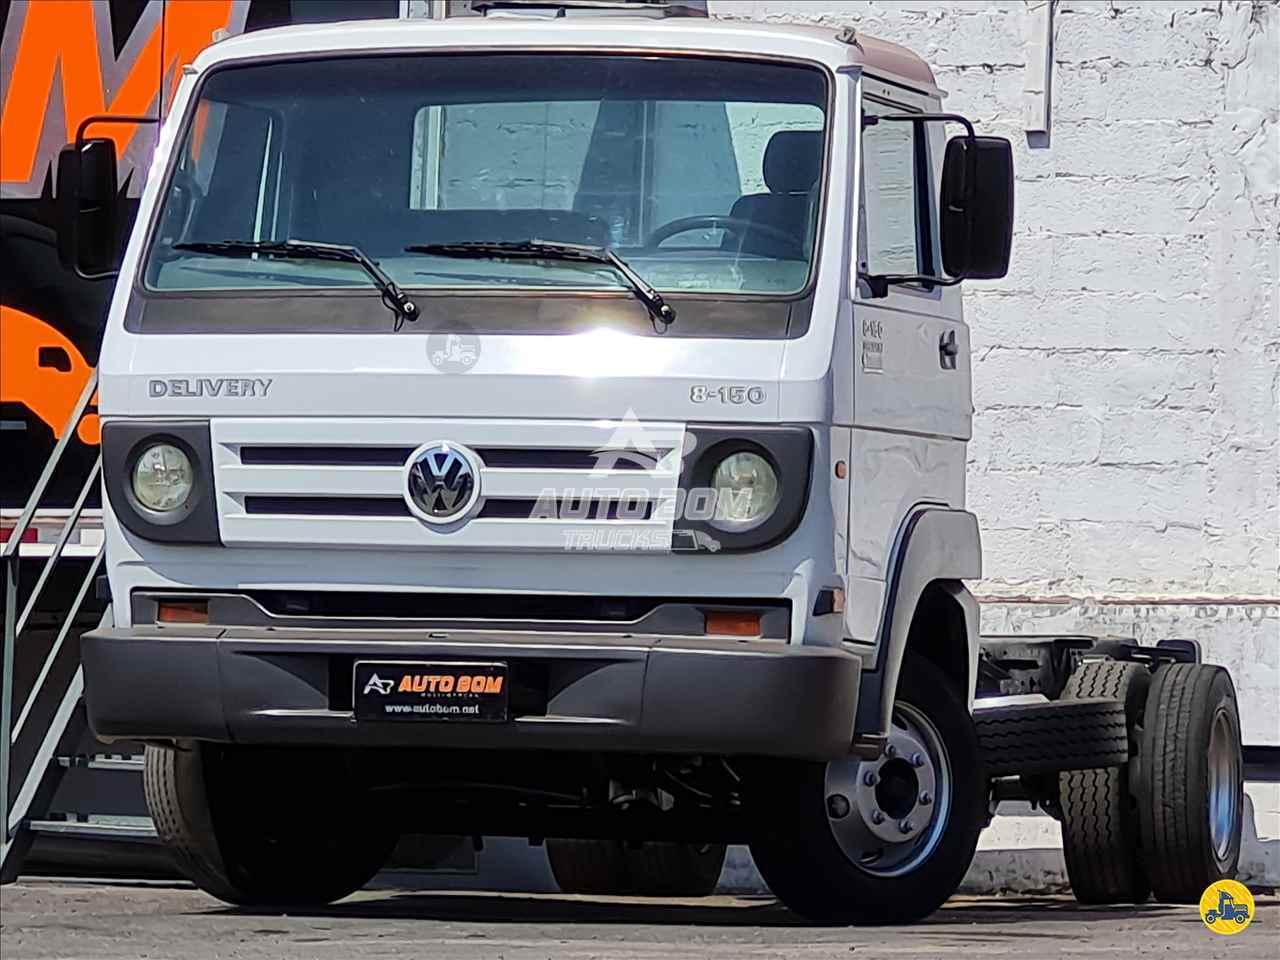 VW 8150 de Autobom Trucks - CONTAGEM/MG